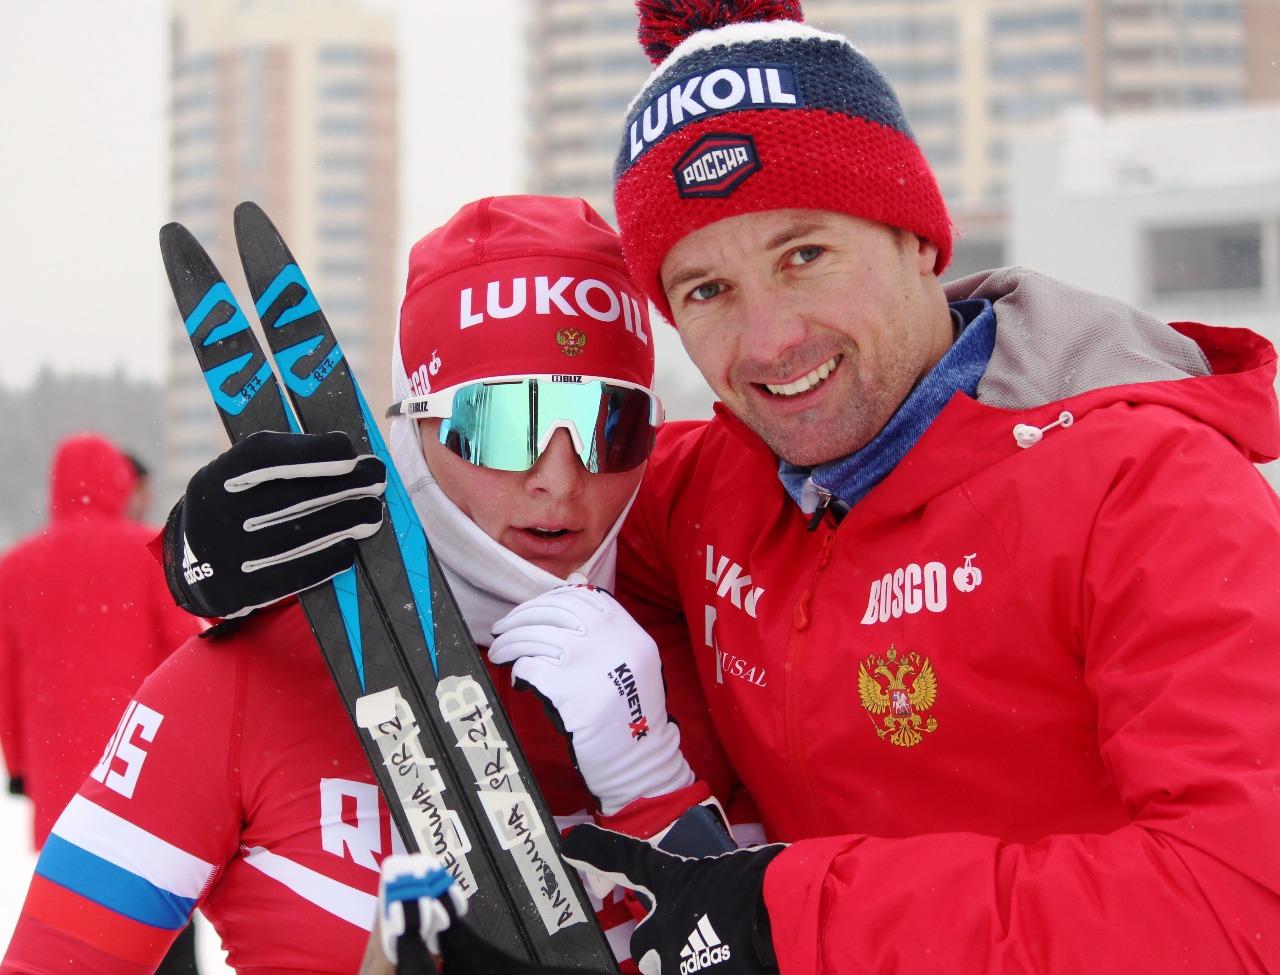 После той самой победы на Красногорской гонке.